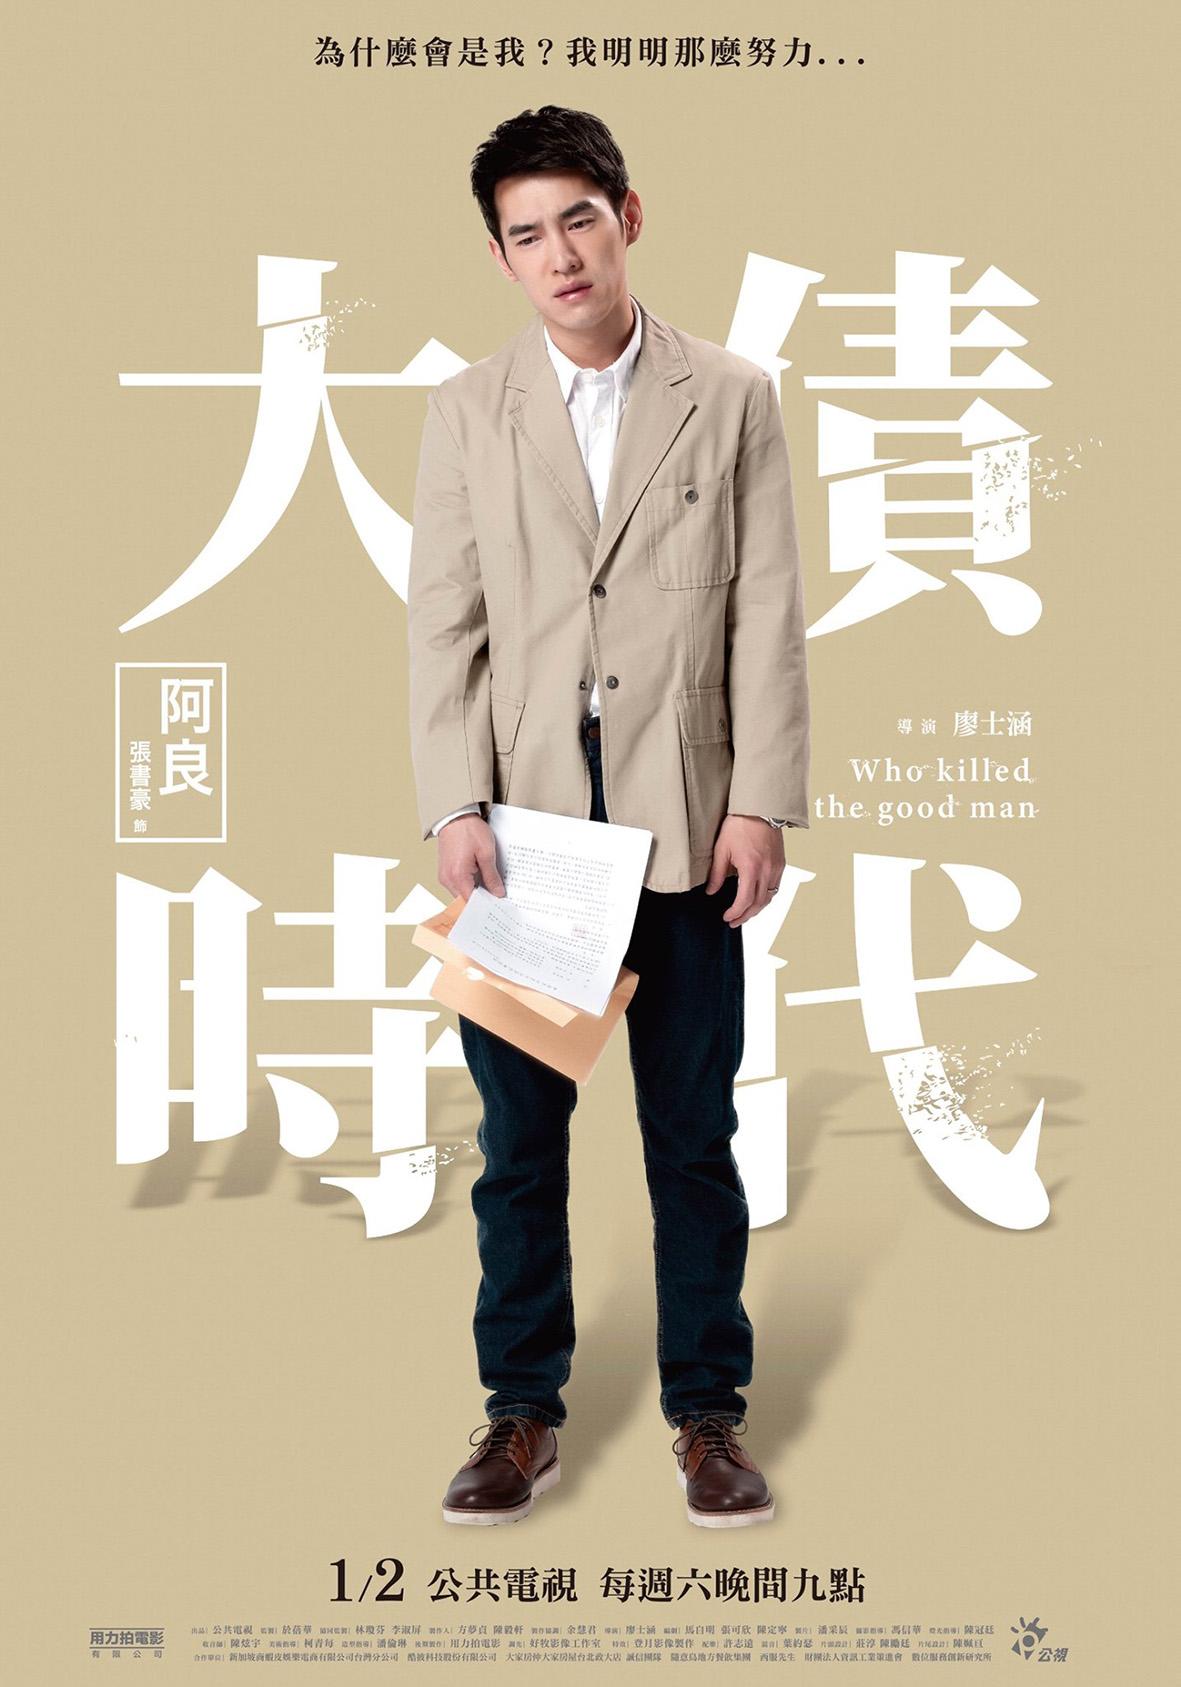 角色:樊仲良(張書豪 飾演)